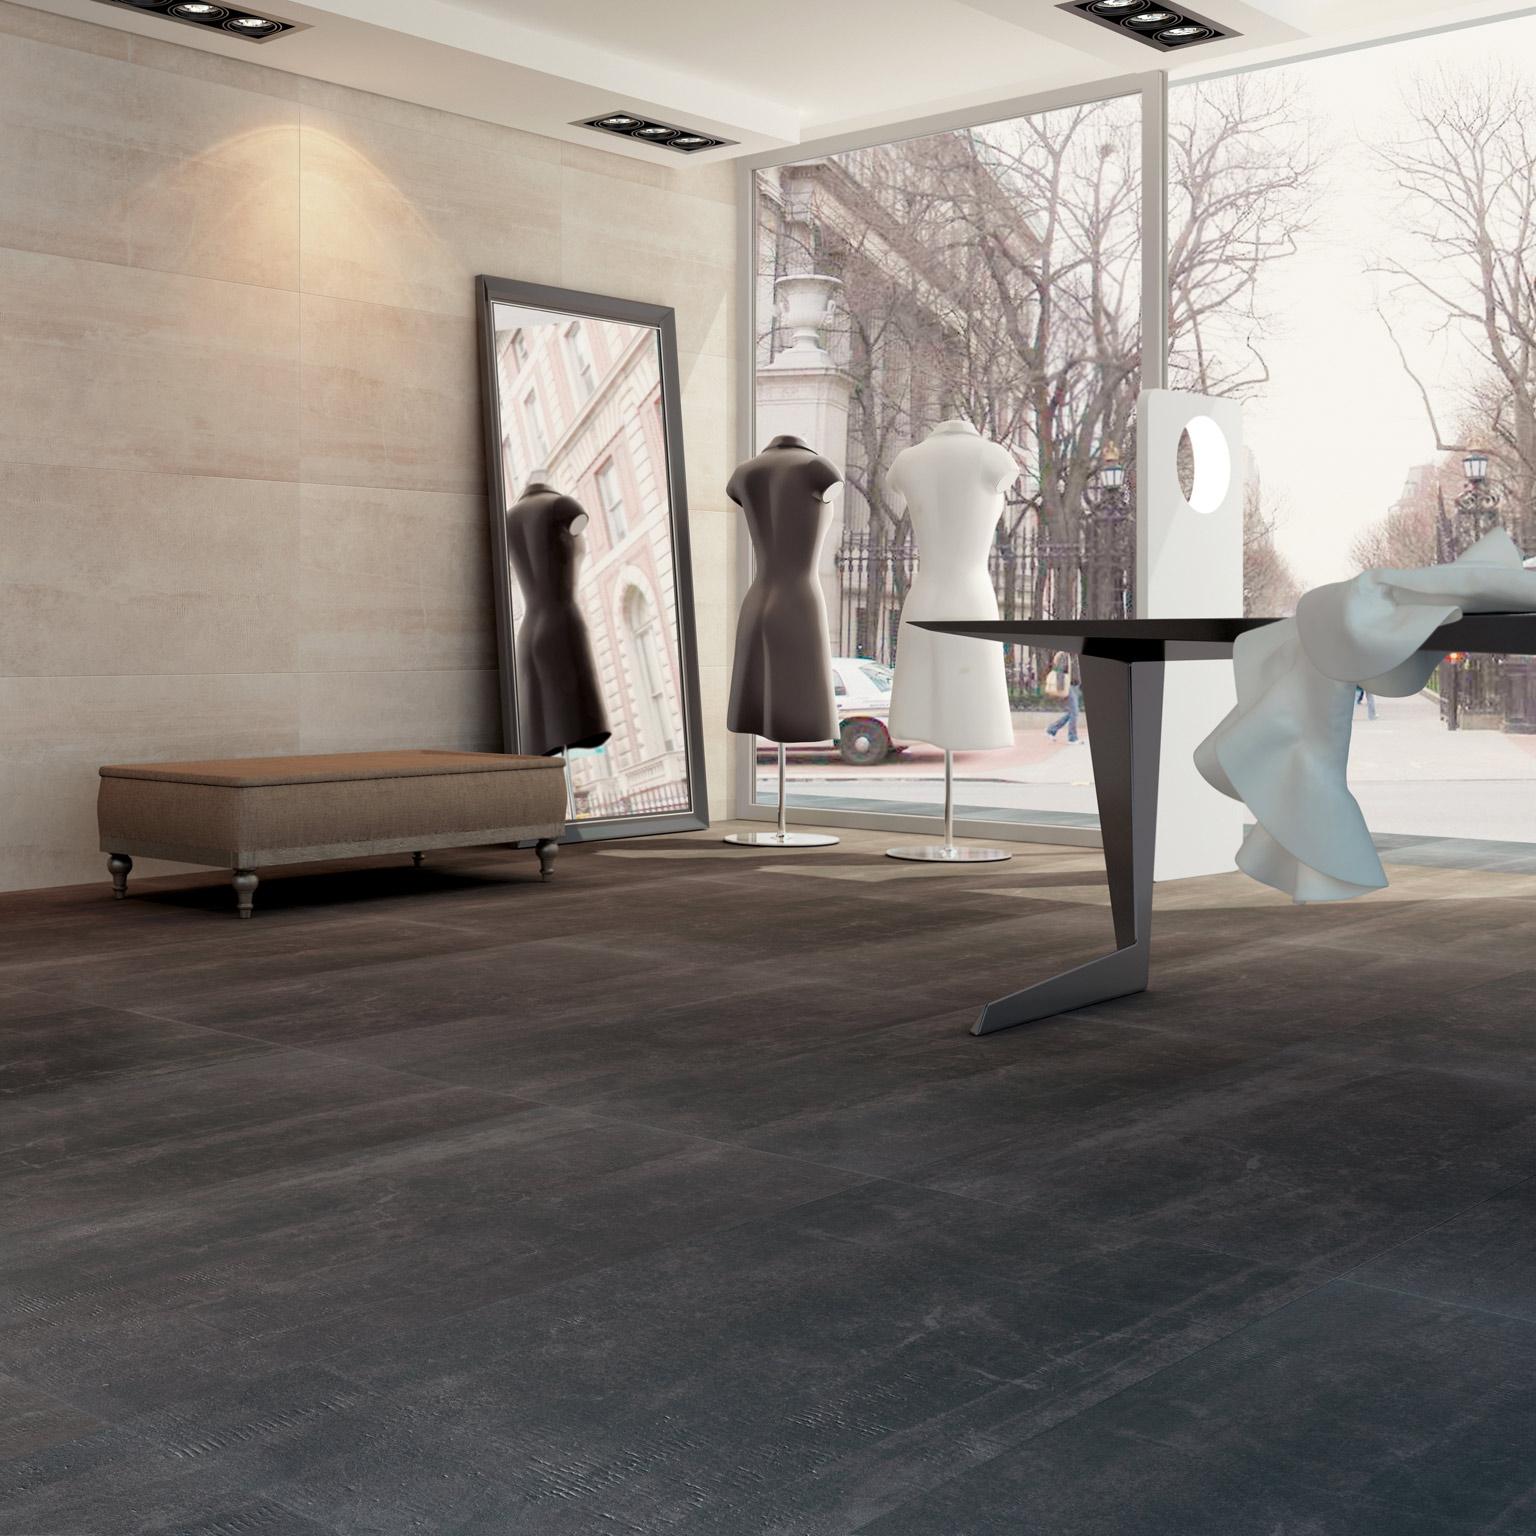 境亞-大尺寸石板磚【灰色下殺特賣!每坪4500元】 - 黑色